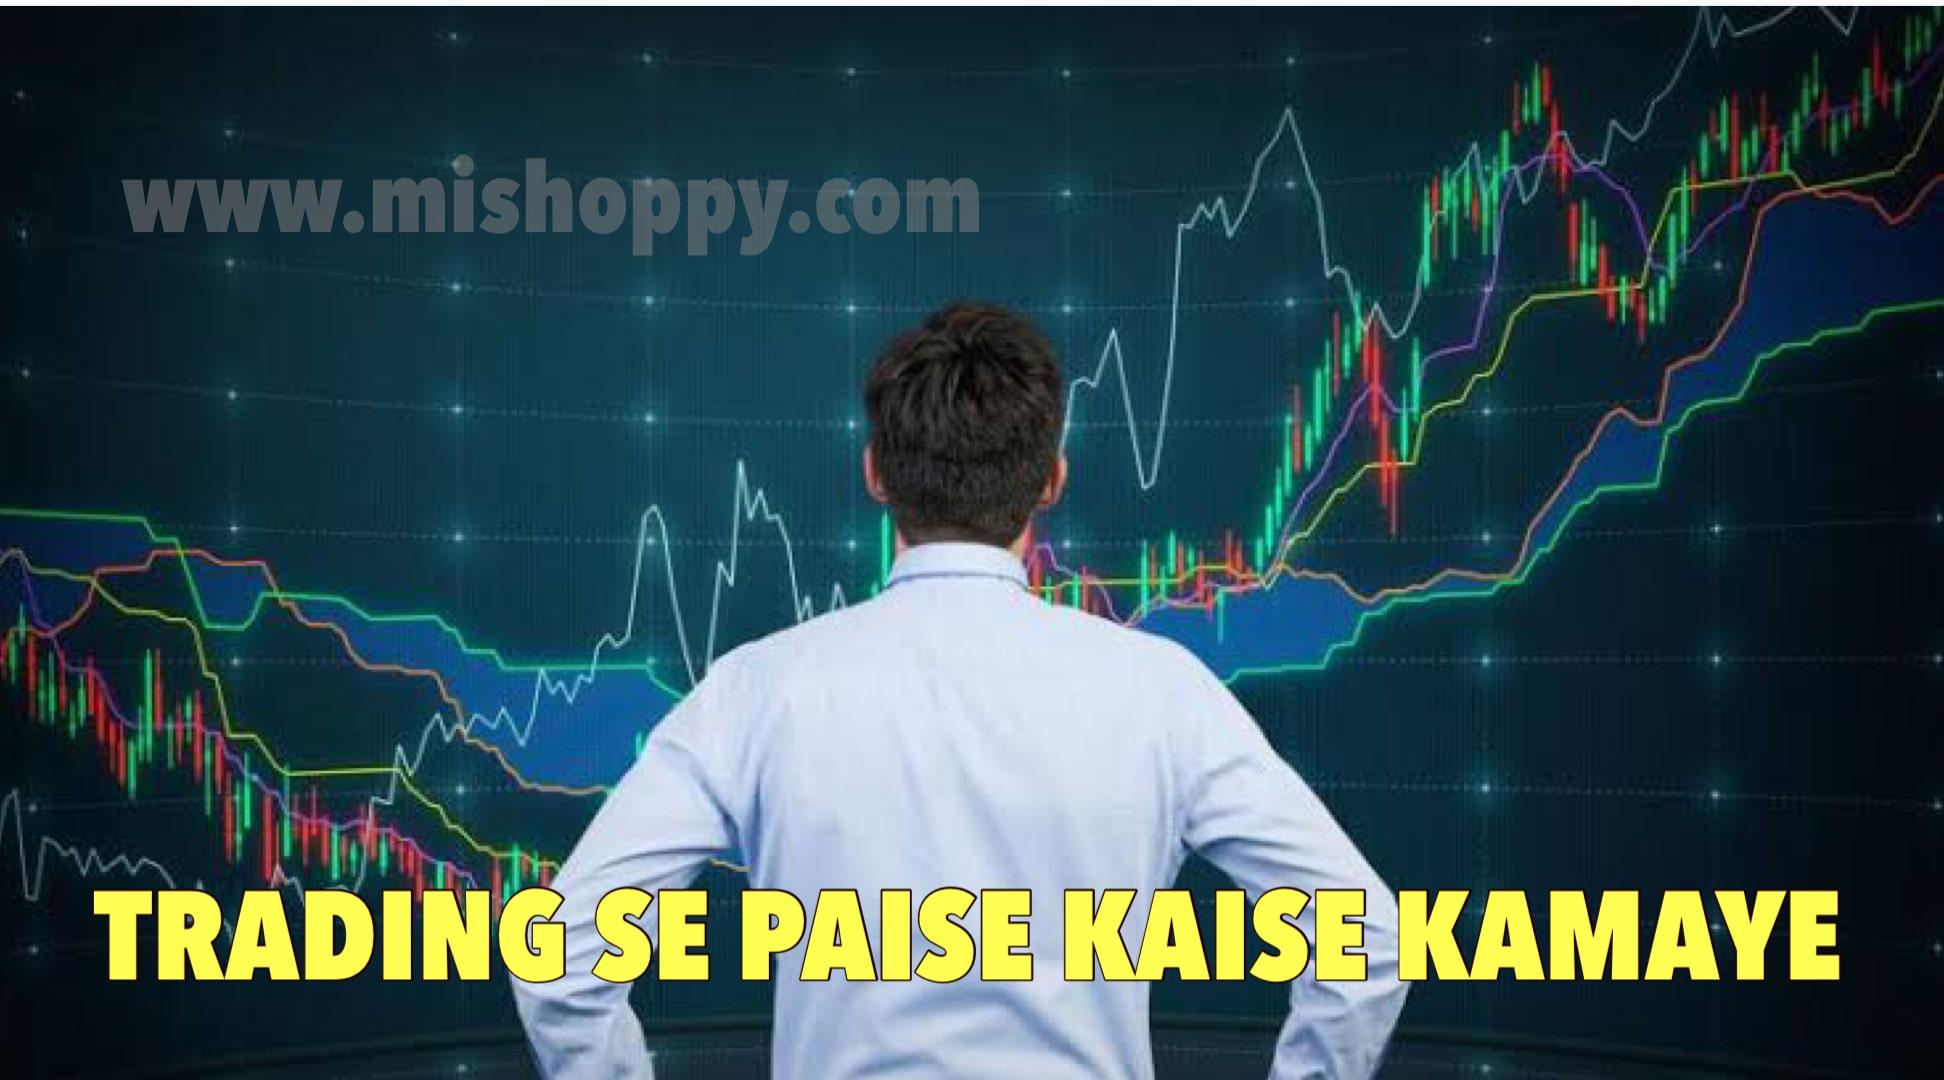 Trading Se Paise Kaise Kamaye - share market Kya Hai